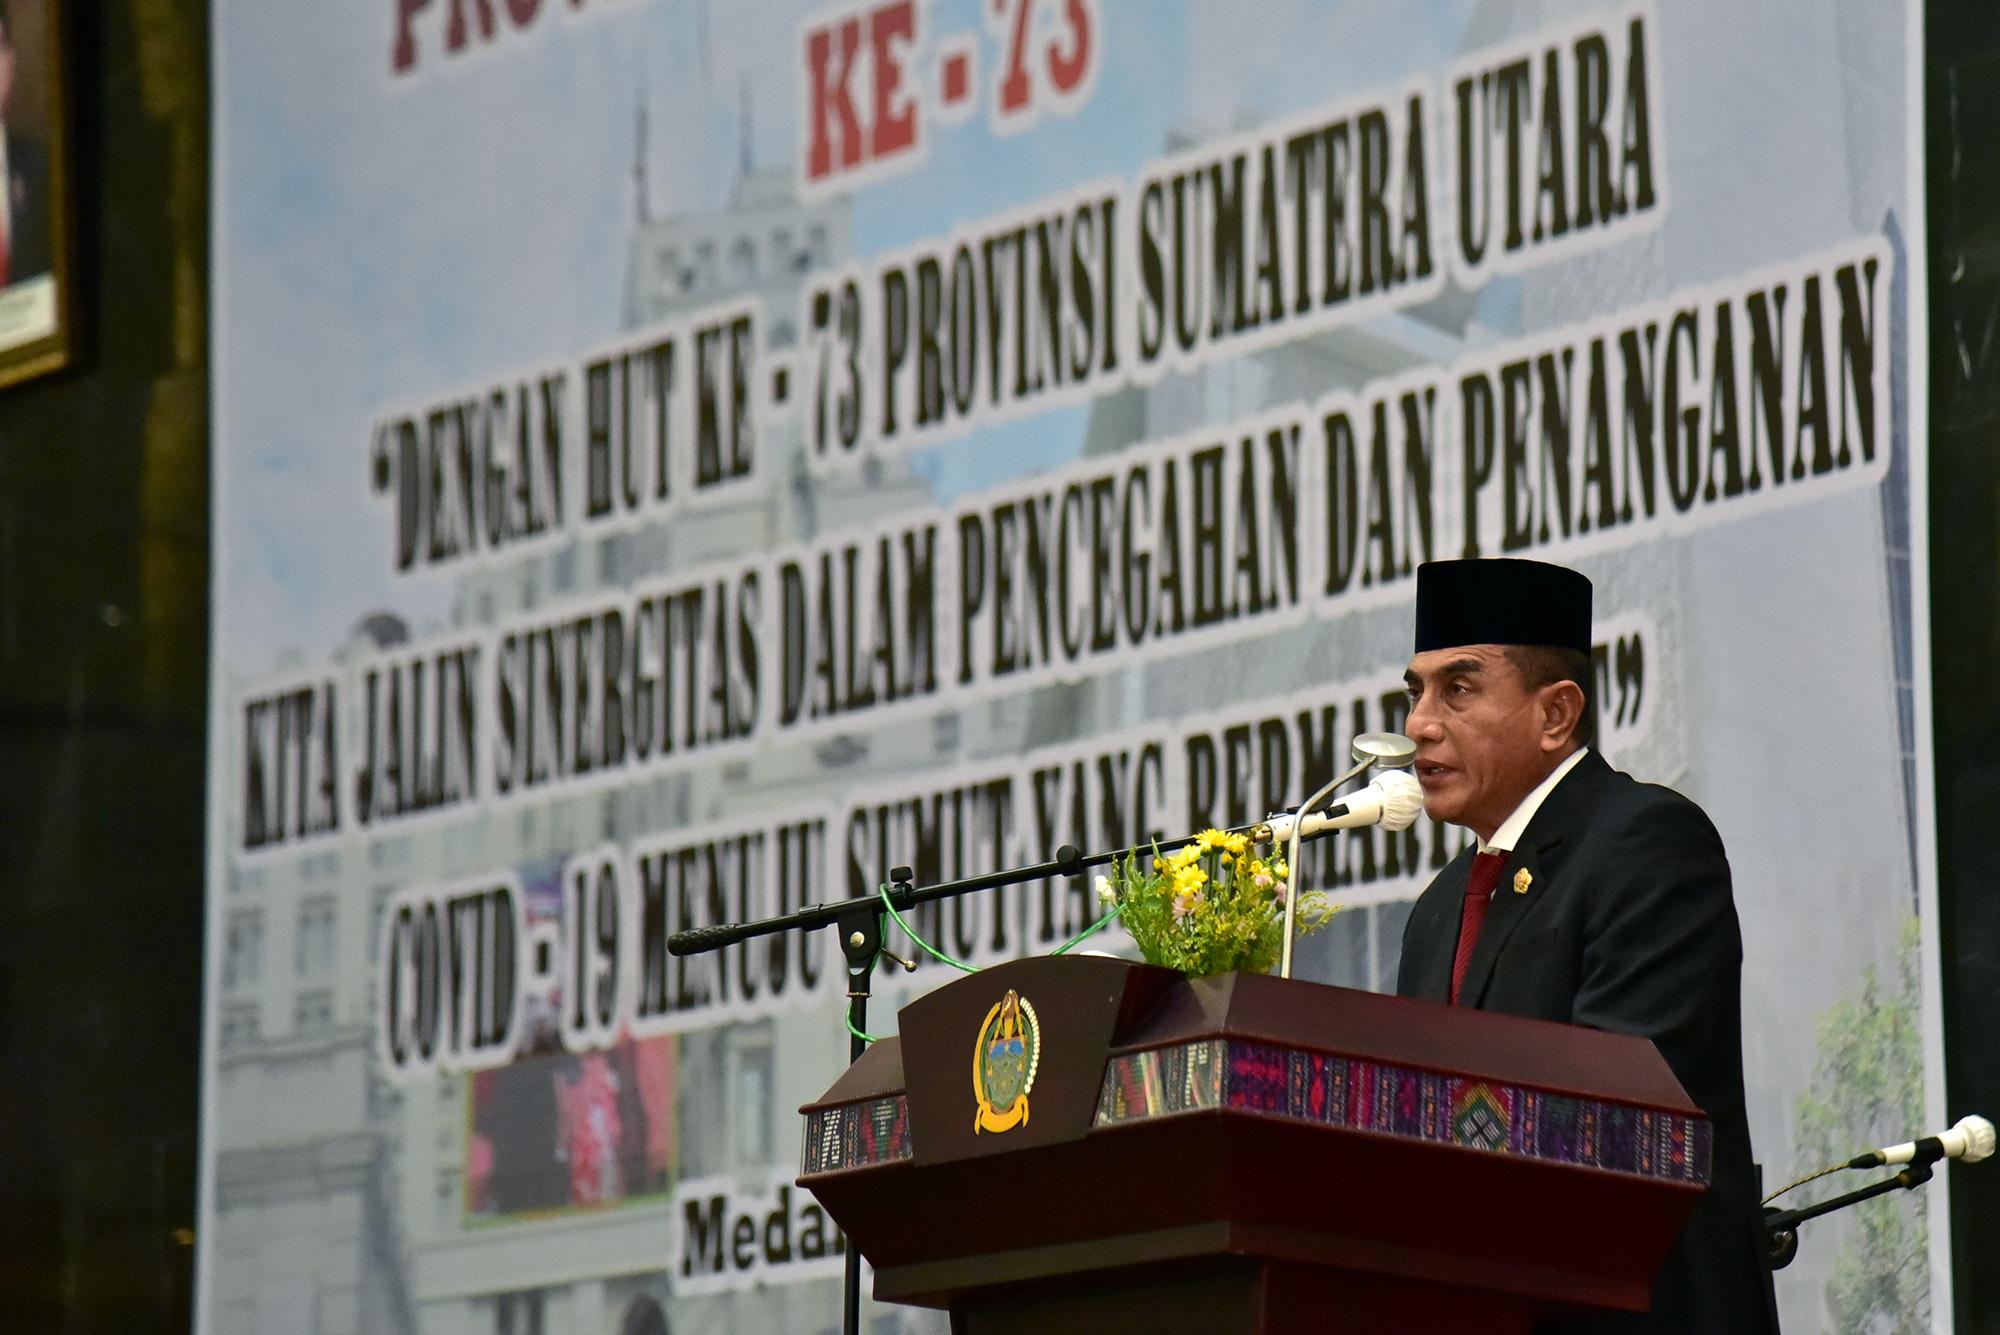 DPRD Sumut Sepakat Bahas Ranperda Bantuan Hukum